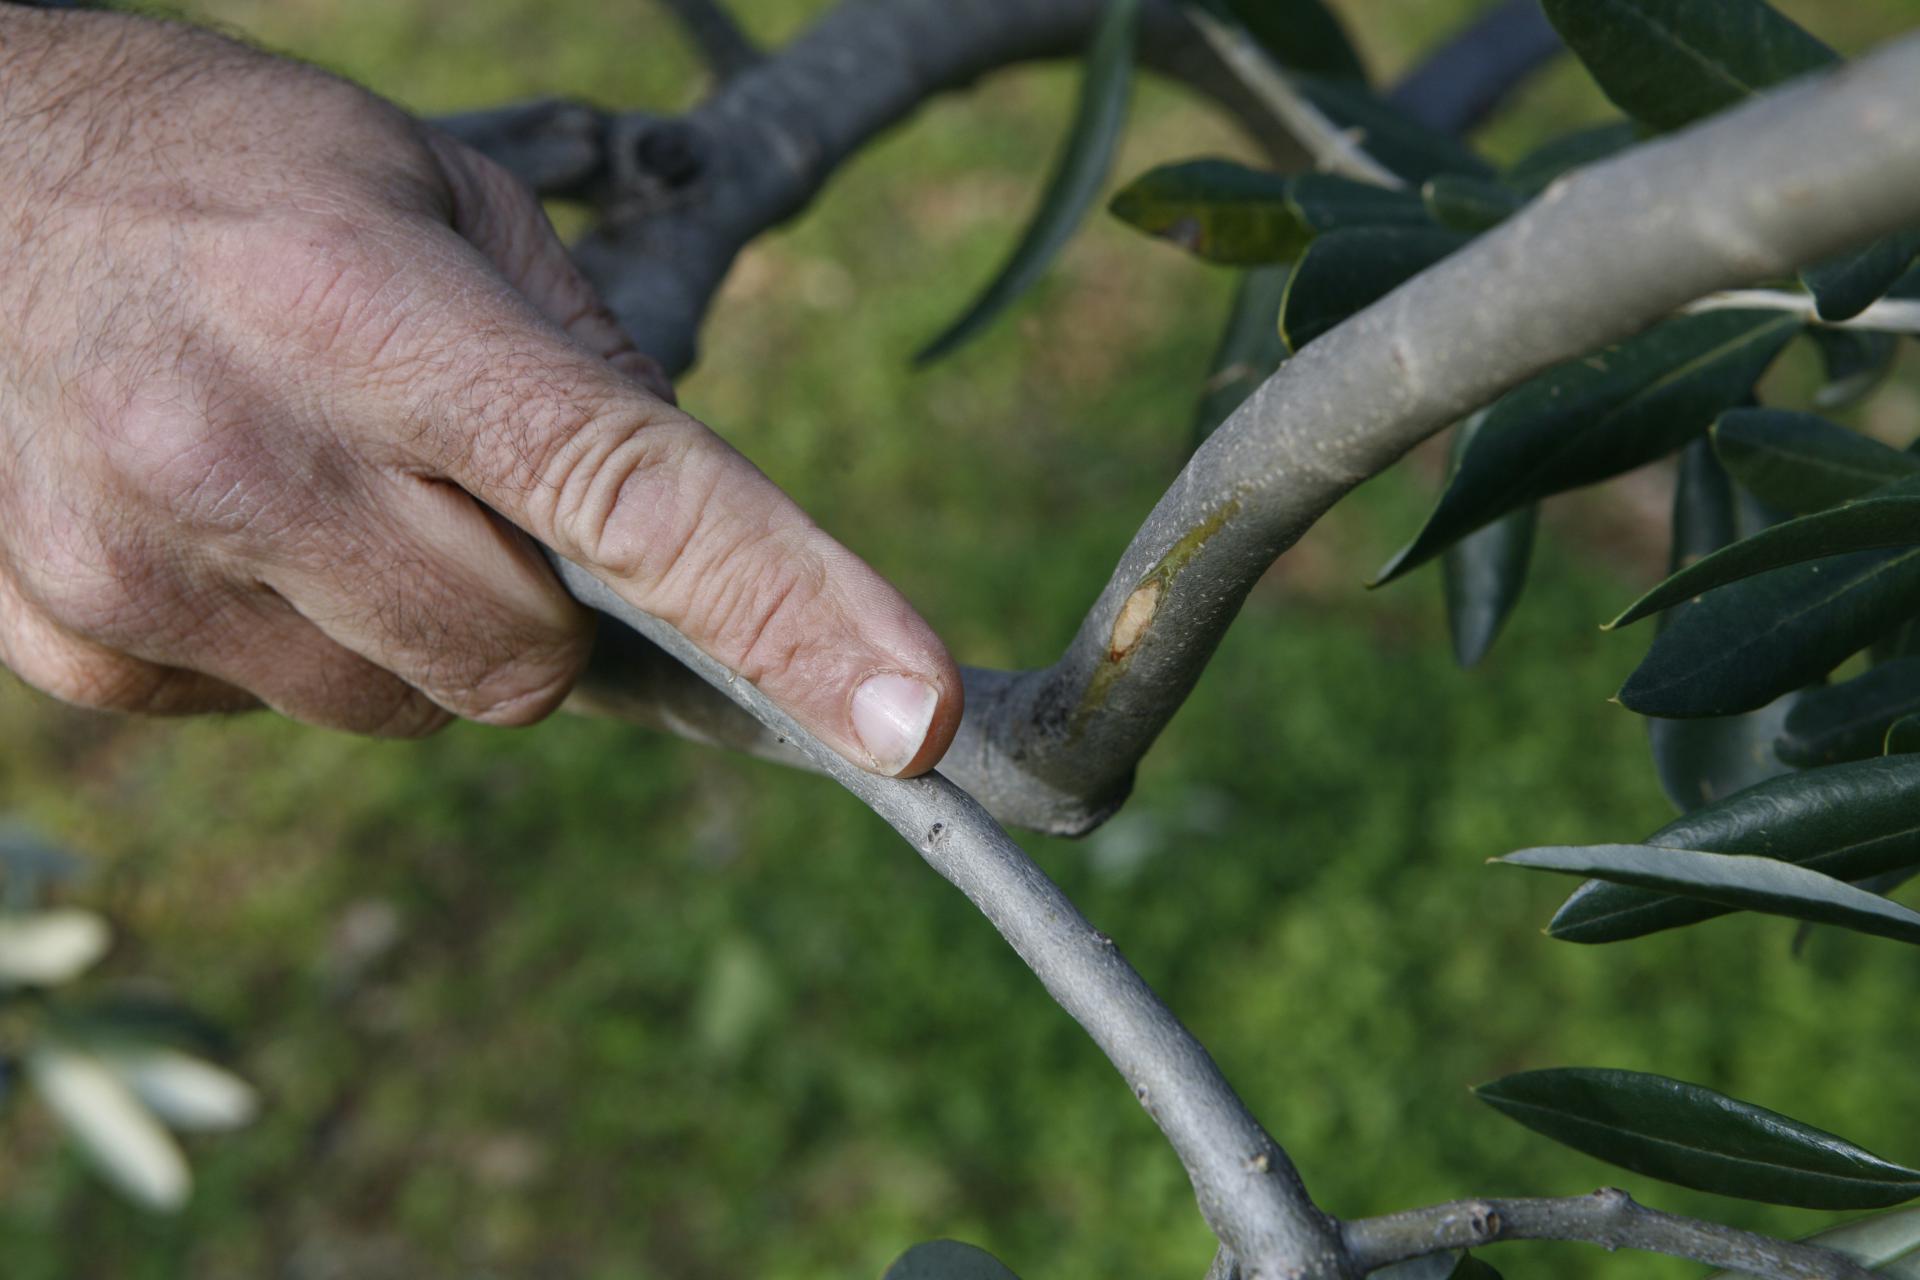 Jedna grana je oštetila drugu i treba je ukloniti jer se stvara rana, prilika za rak masline